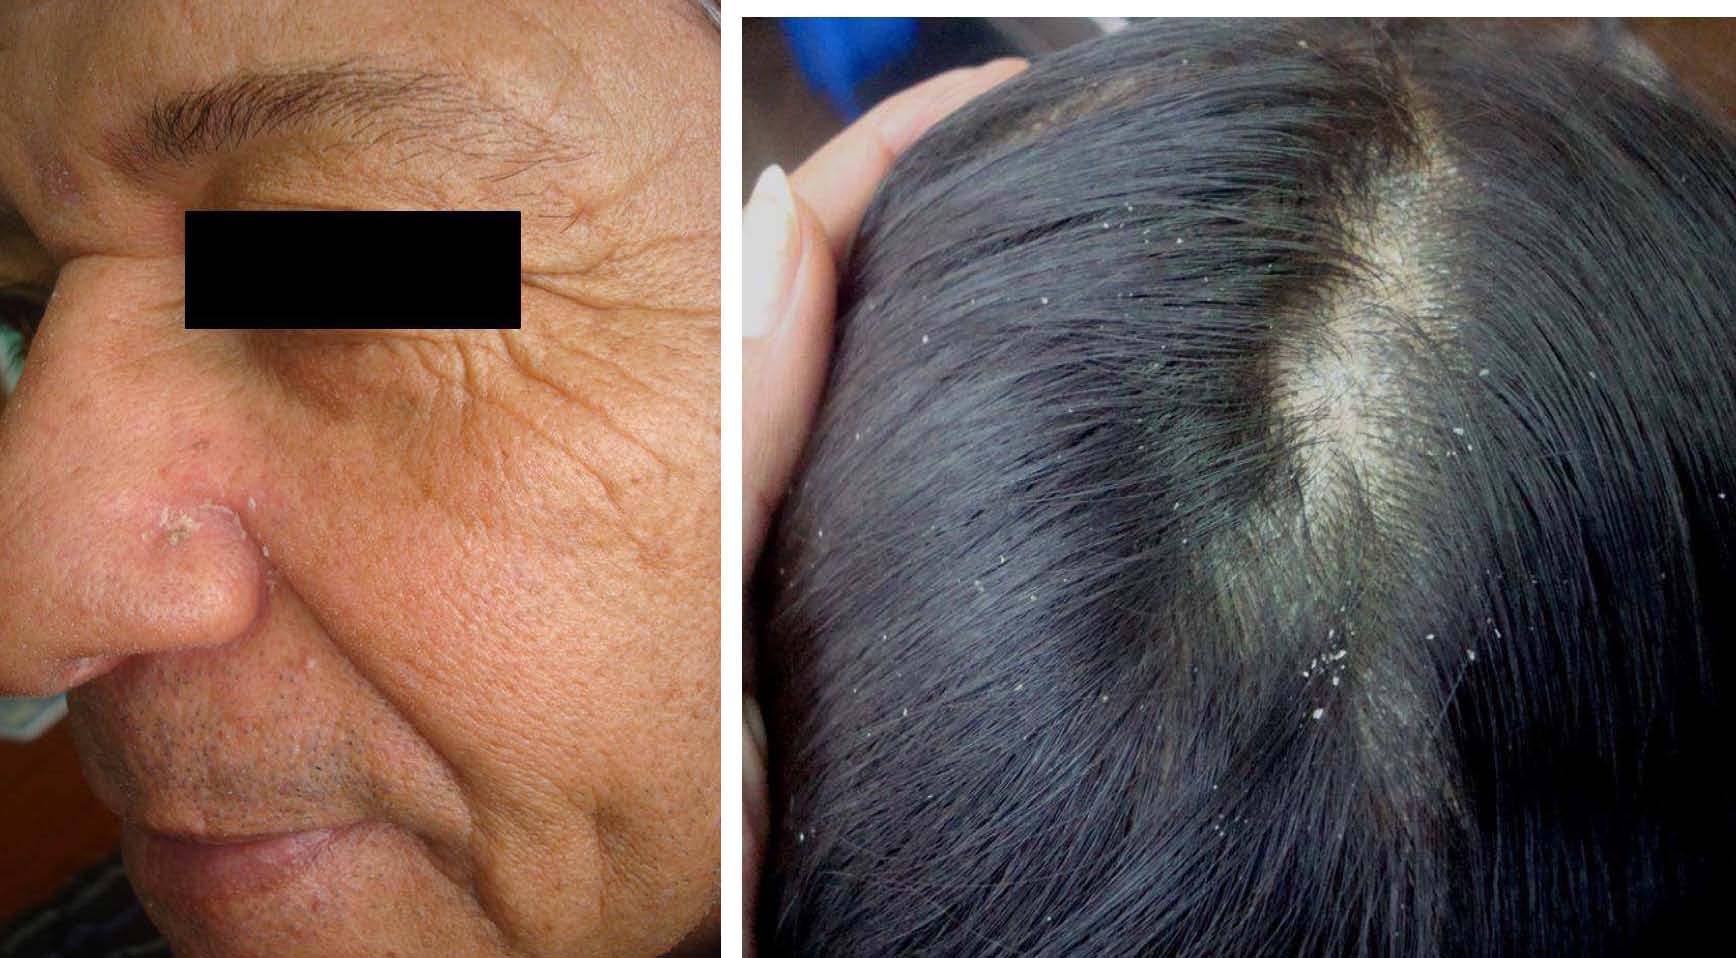 La sal la psoriasis los cabellos